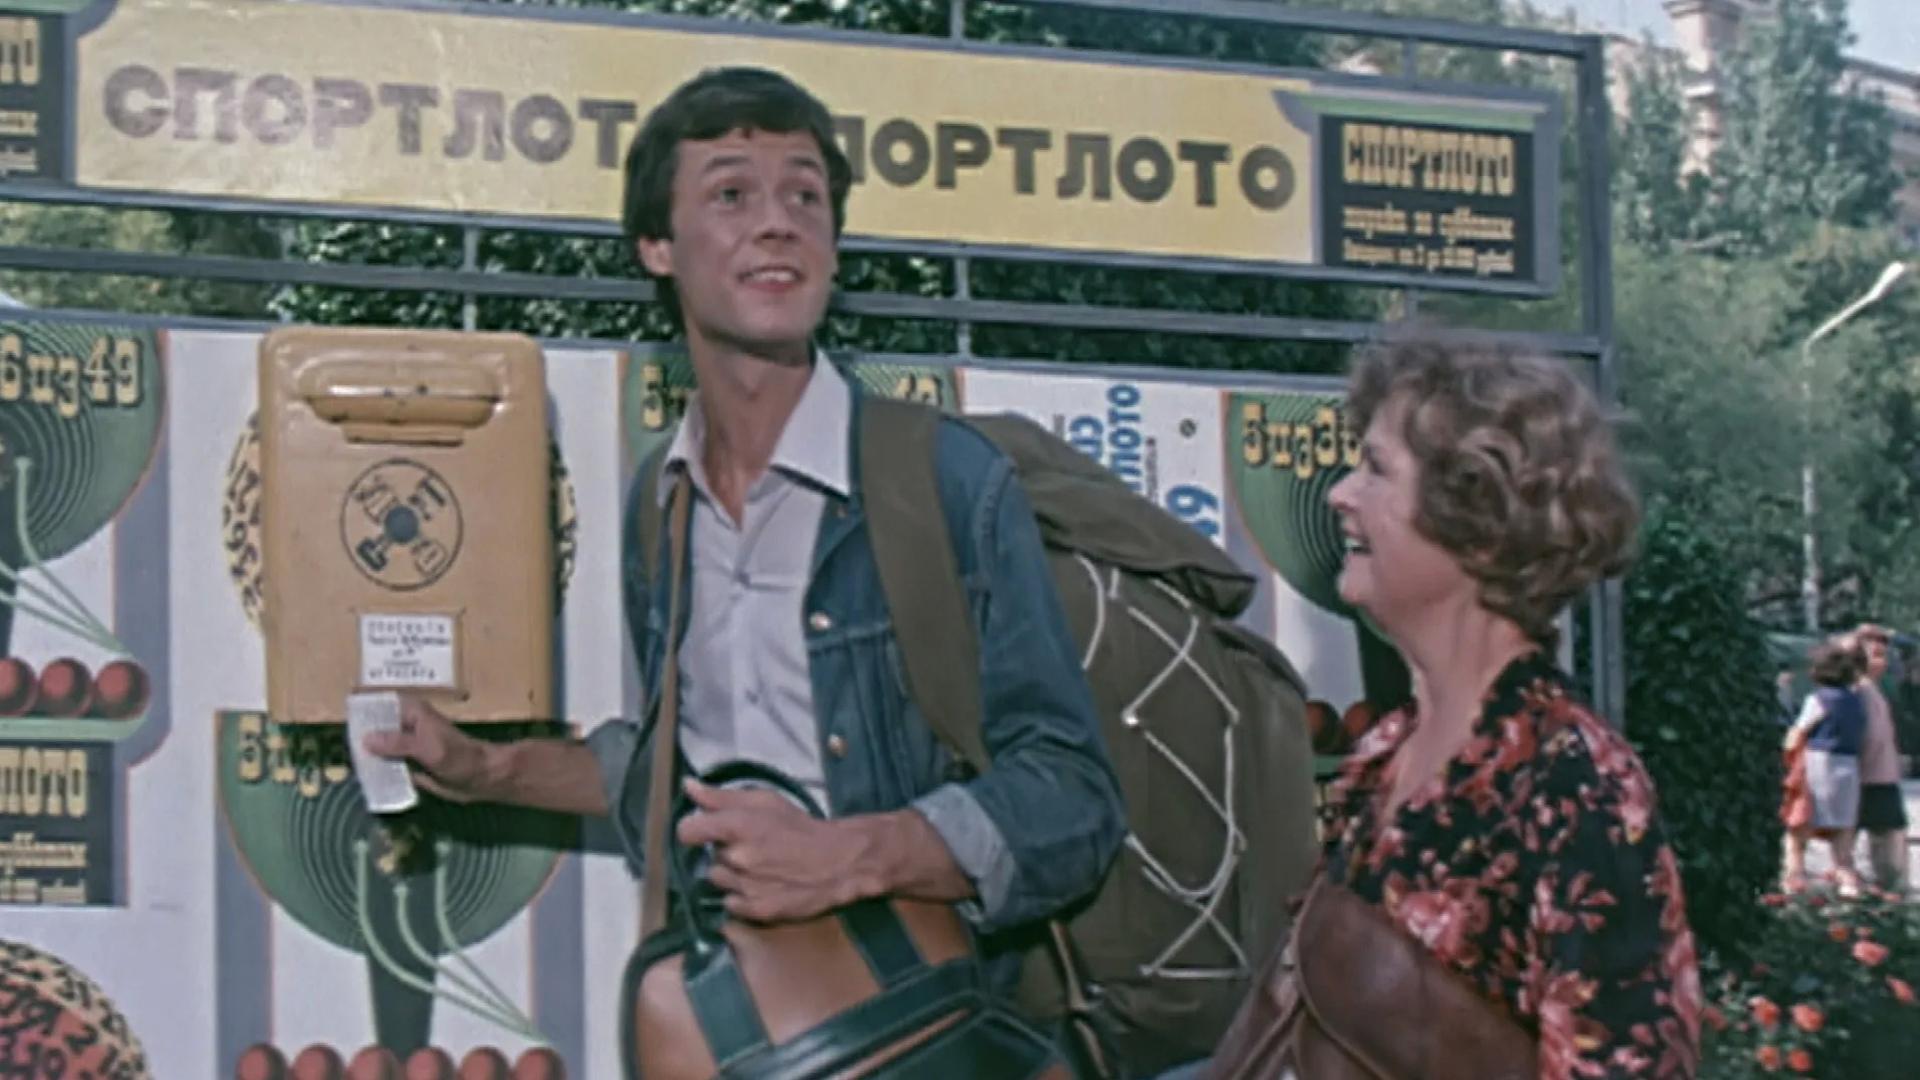 Кино в роли первой рекламы. Как наши любимые фильмы помогали продавать товары, которые даже не нуждались в раскрутке?